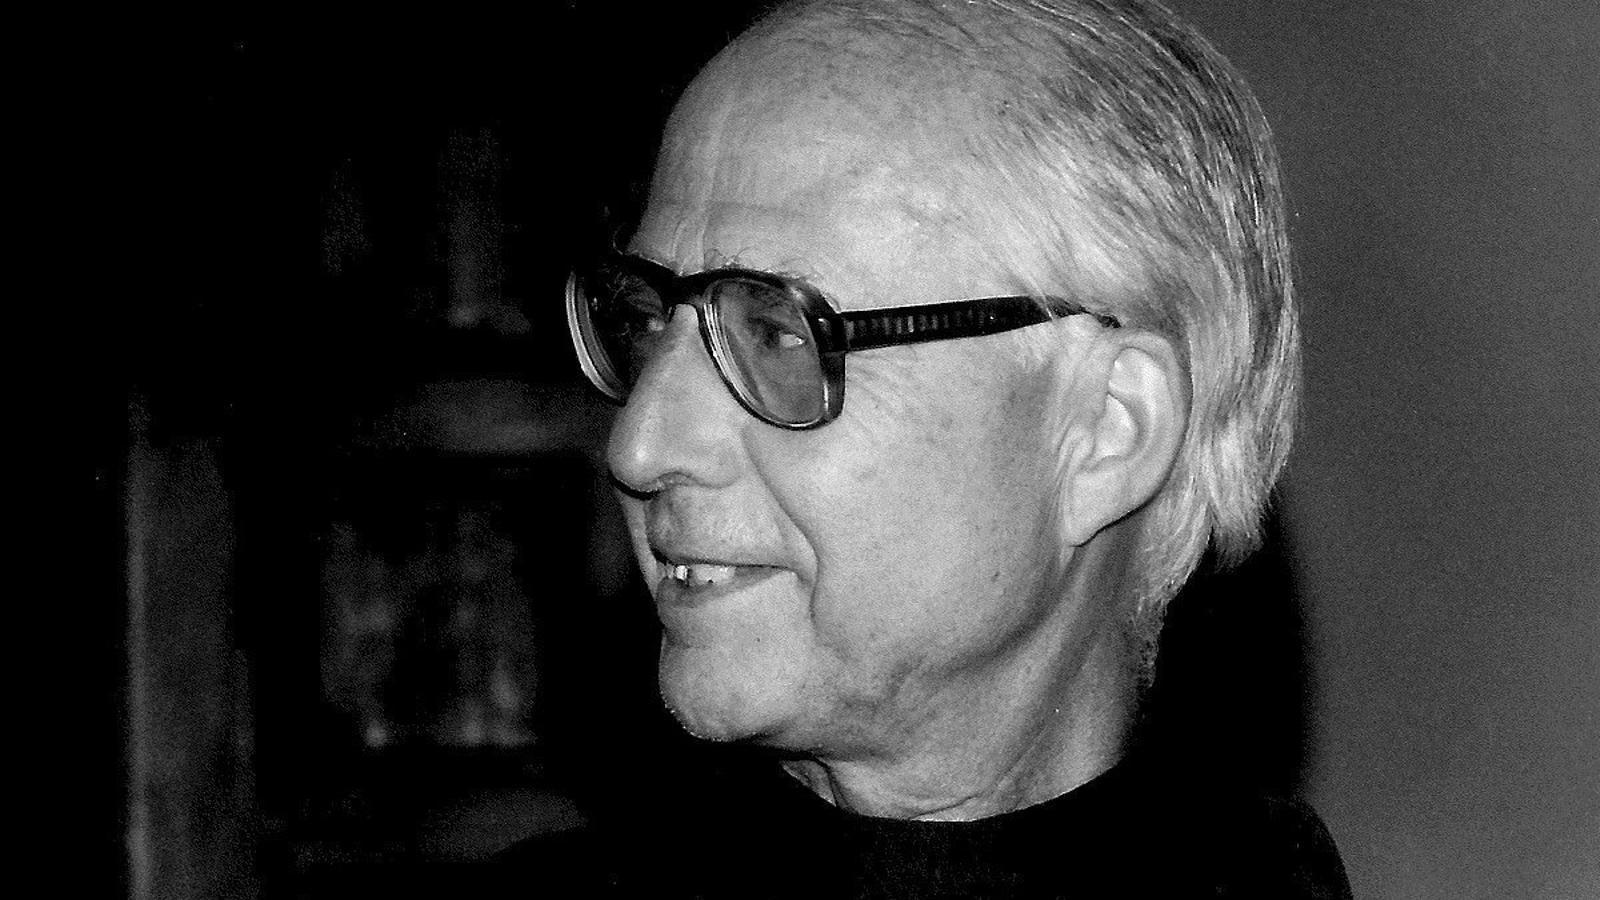 Homenatge al mestratge del pare Ireneu Segarra